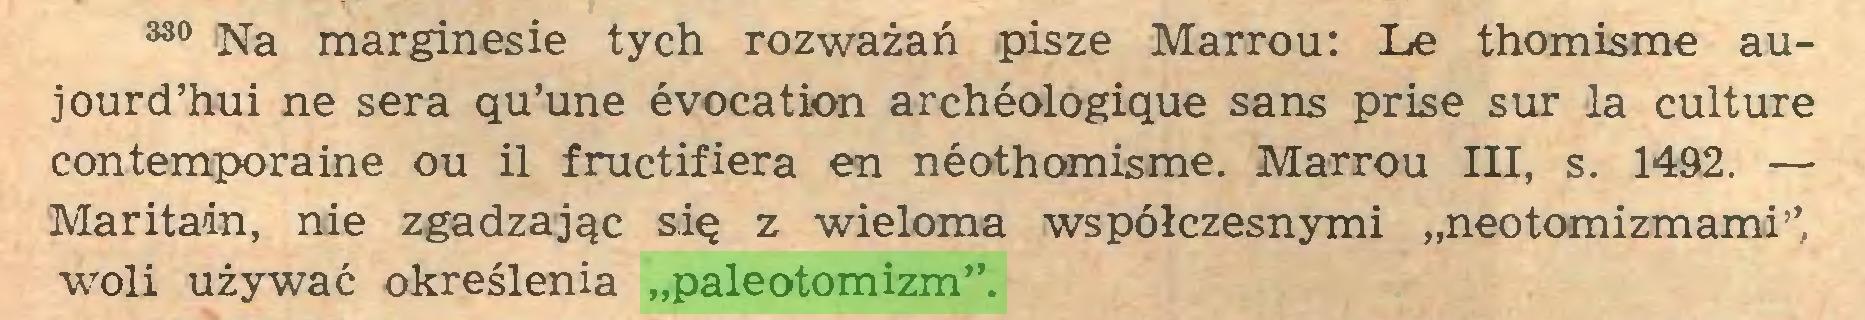 """(...) 380 Na marginesie tych rozważań pisze Marrou: Le thomisme aujourd'hui ne sera qu'une évocation archéologique sans prise sur la culture contemporaine ou il fructifiera en néothomisme. Marrou III, s. 1492. — Maritain, nie zgadzając się z wieloma współczesnymi """"neotomizmami'', woli używać określenia """"paleotomizm""""..."""